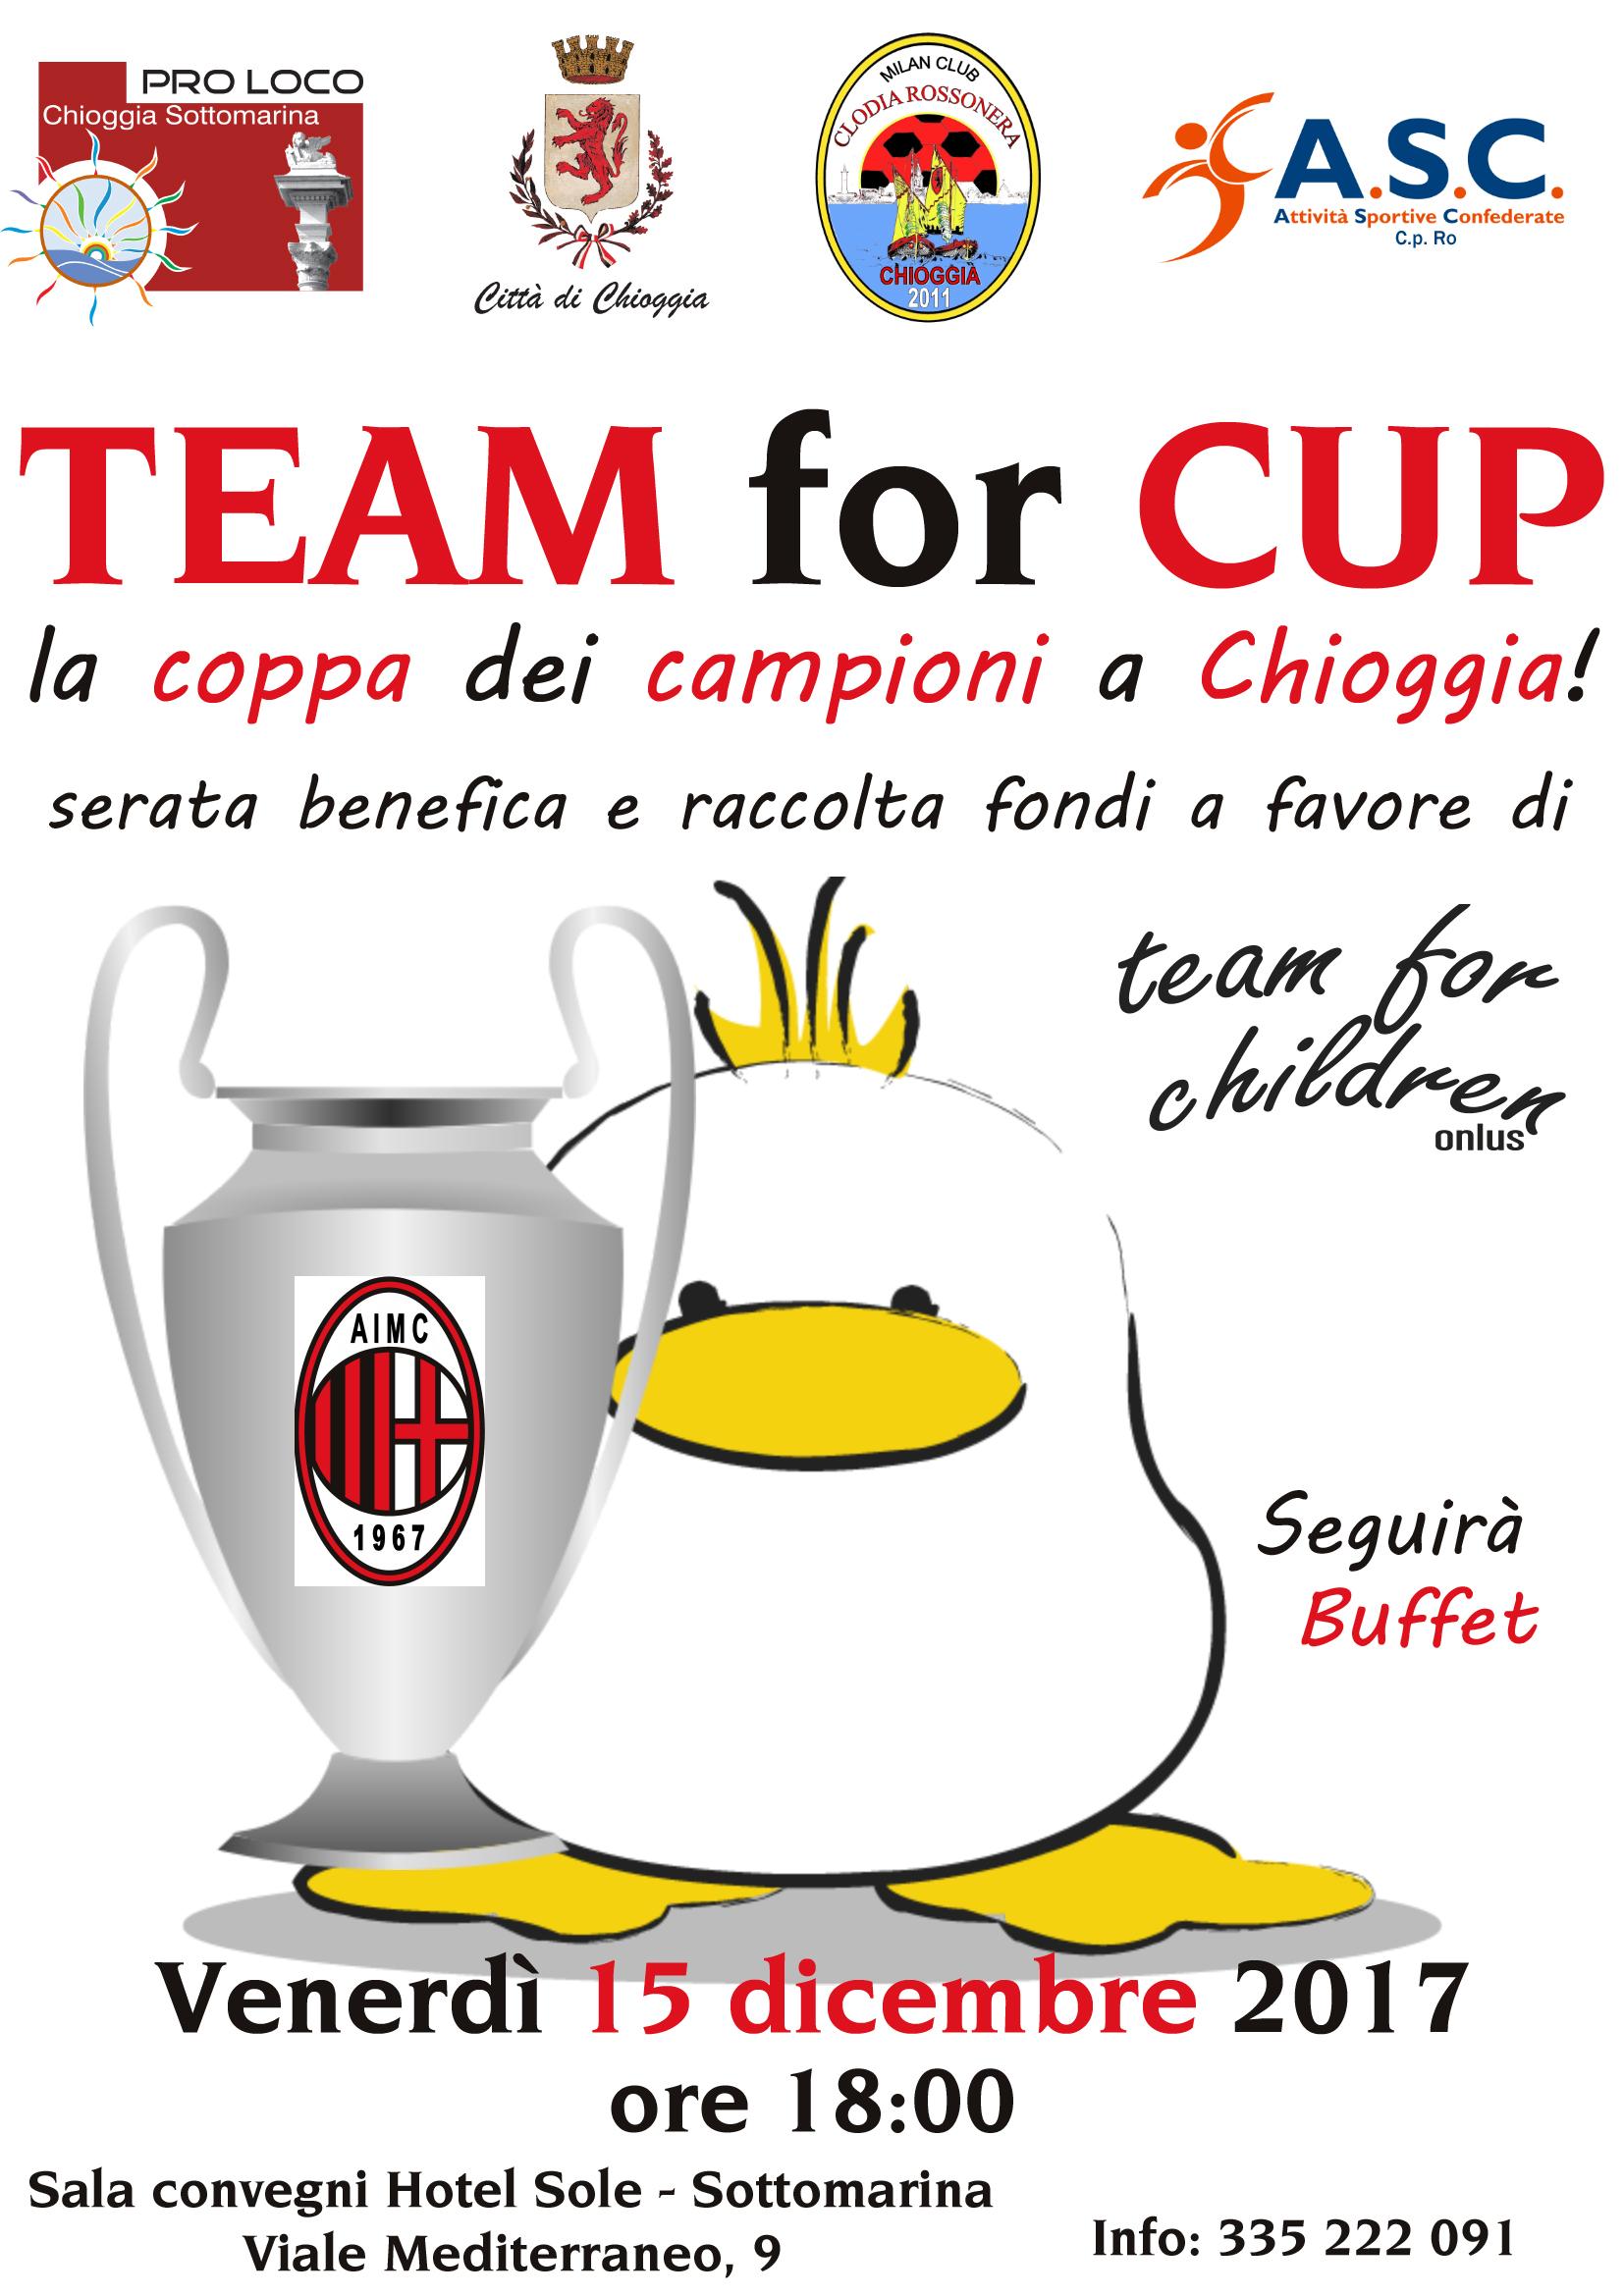 TEAM FOR CUP, LA COPPA DEI CAMPIONI A CHIOGGIA